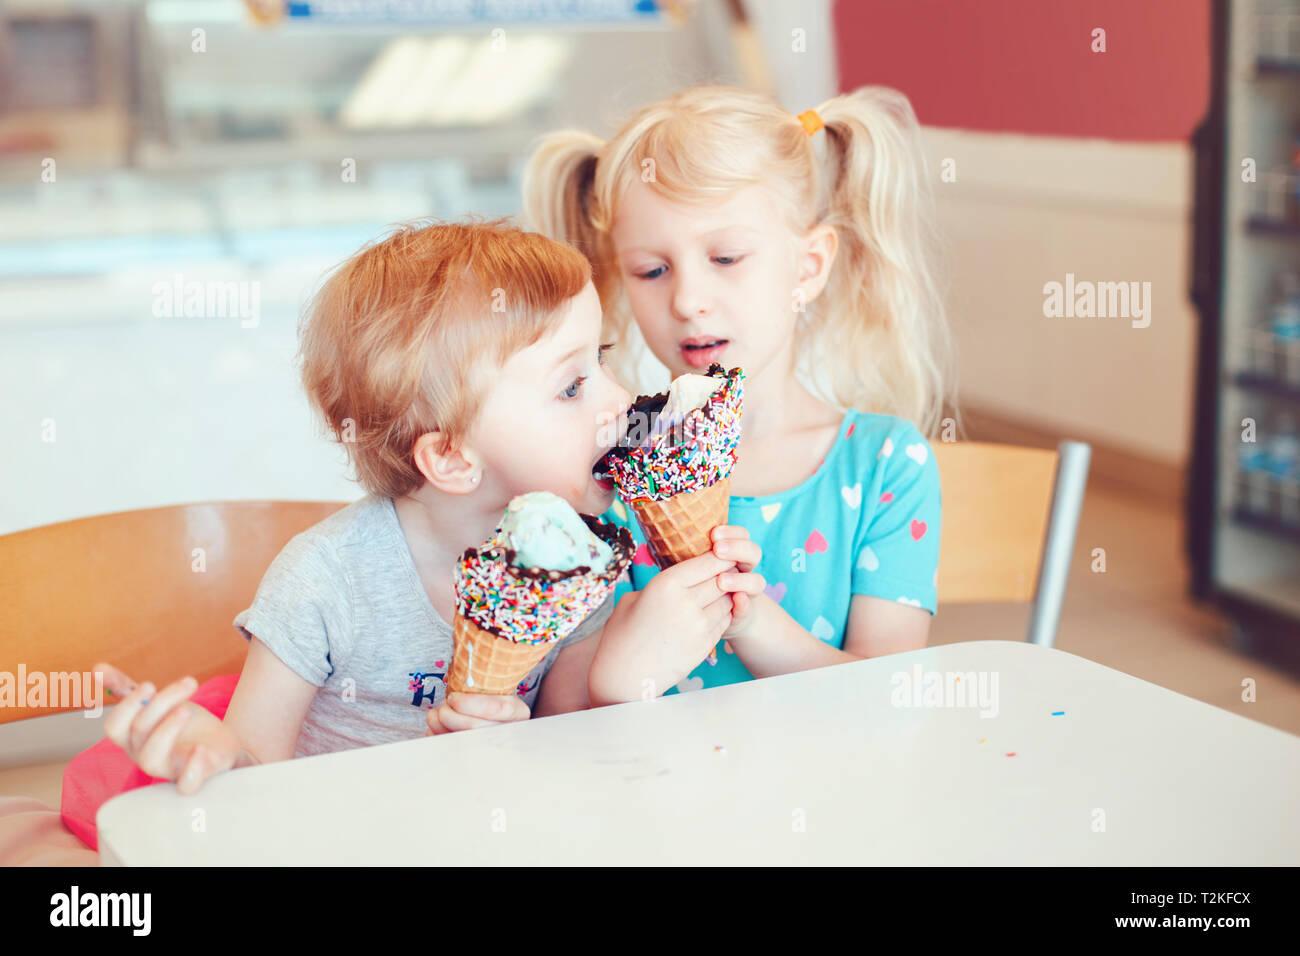 Stile di vita ritratto di due felice Caucasian carino adorabili bambini divertenti ragazze seduti insieme la condivisione di gelati. Amore sorelle amicizia concetto. Migliori Immagini Stock